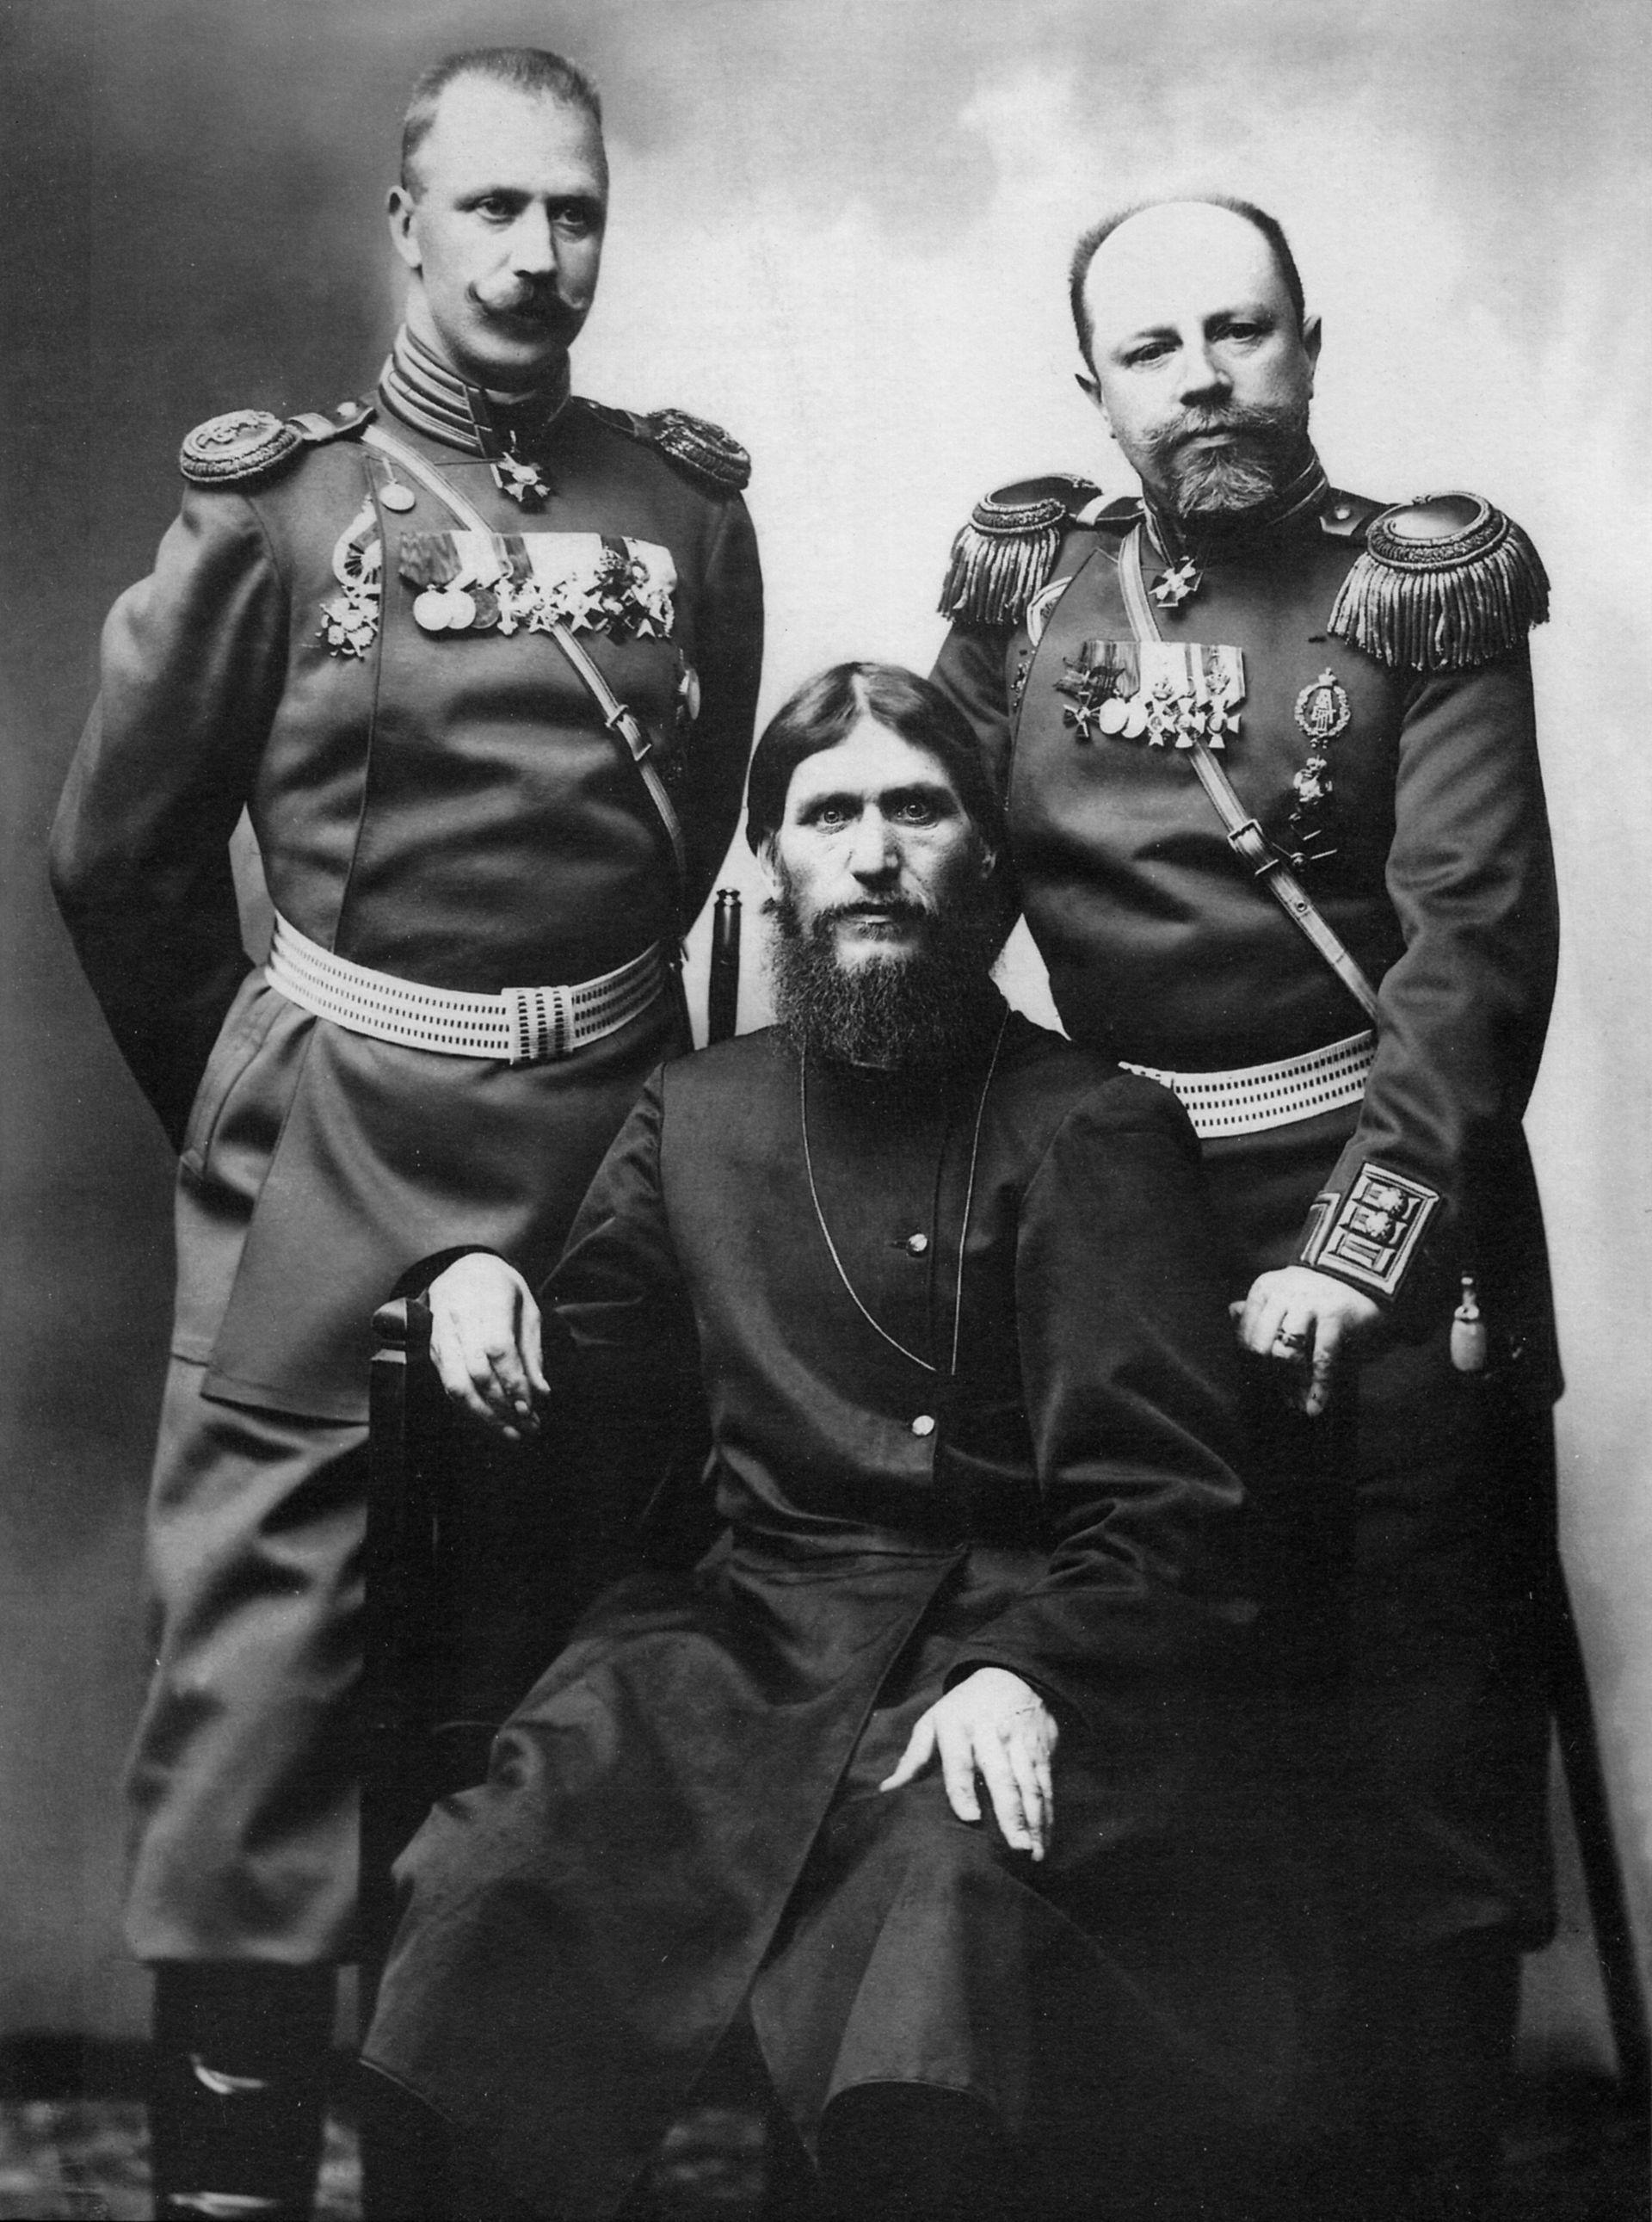 Rasputin-Big-photos-2.jpg